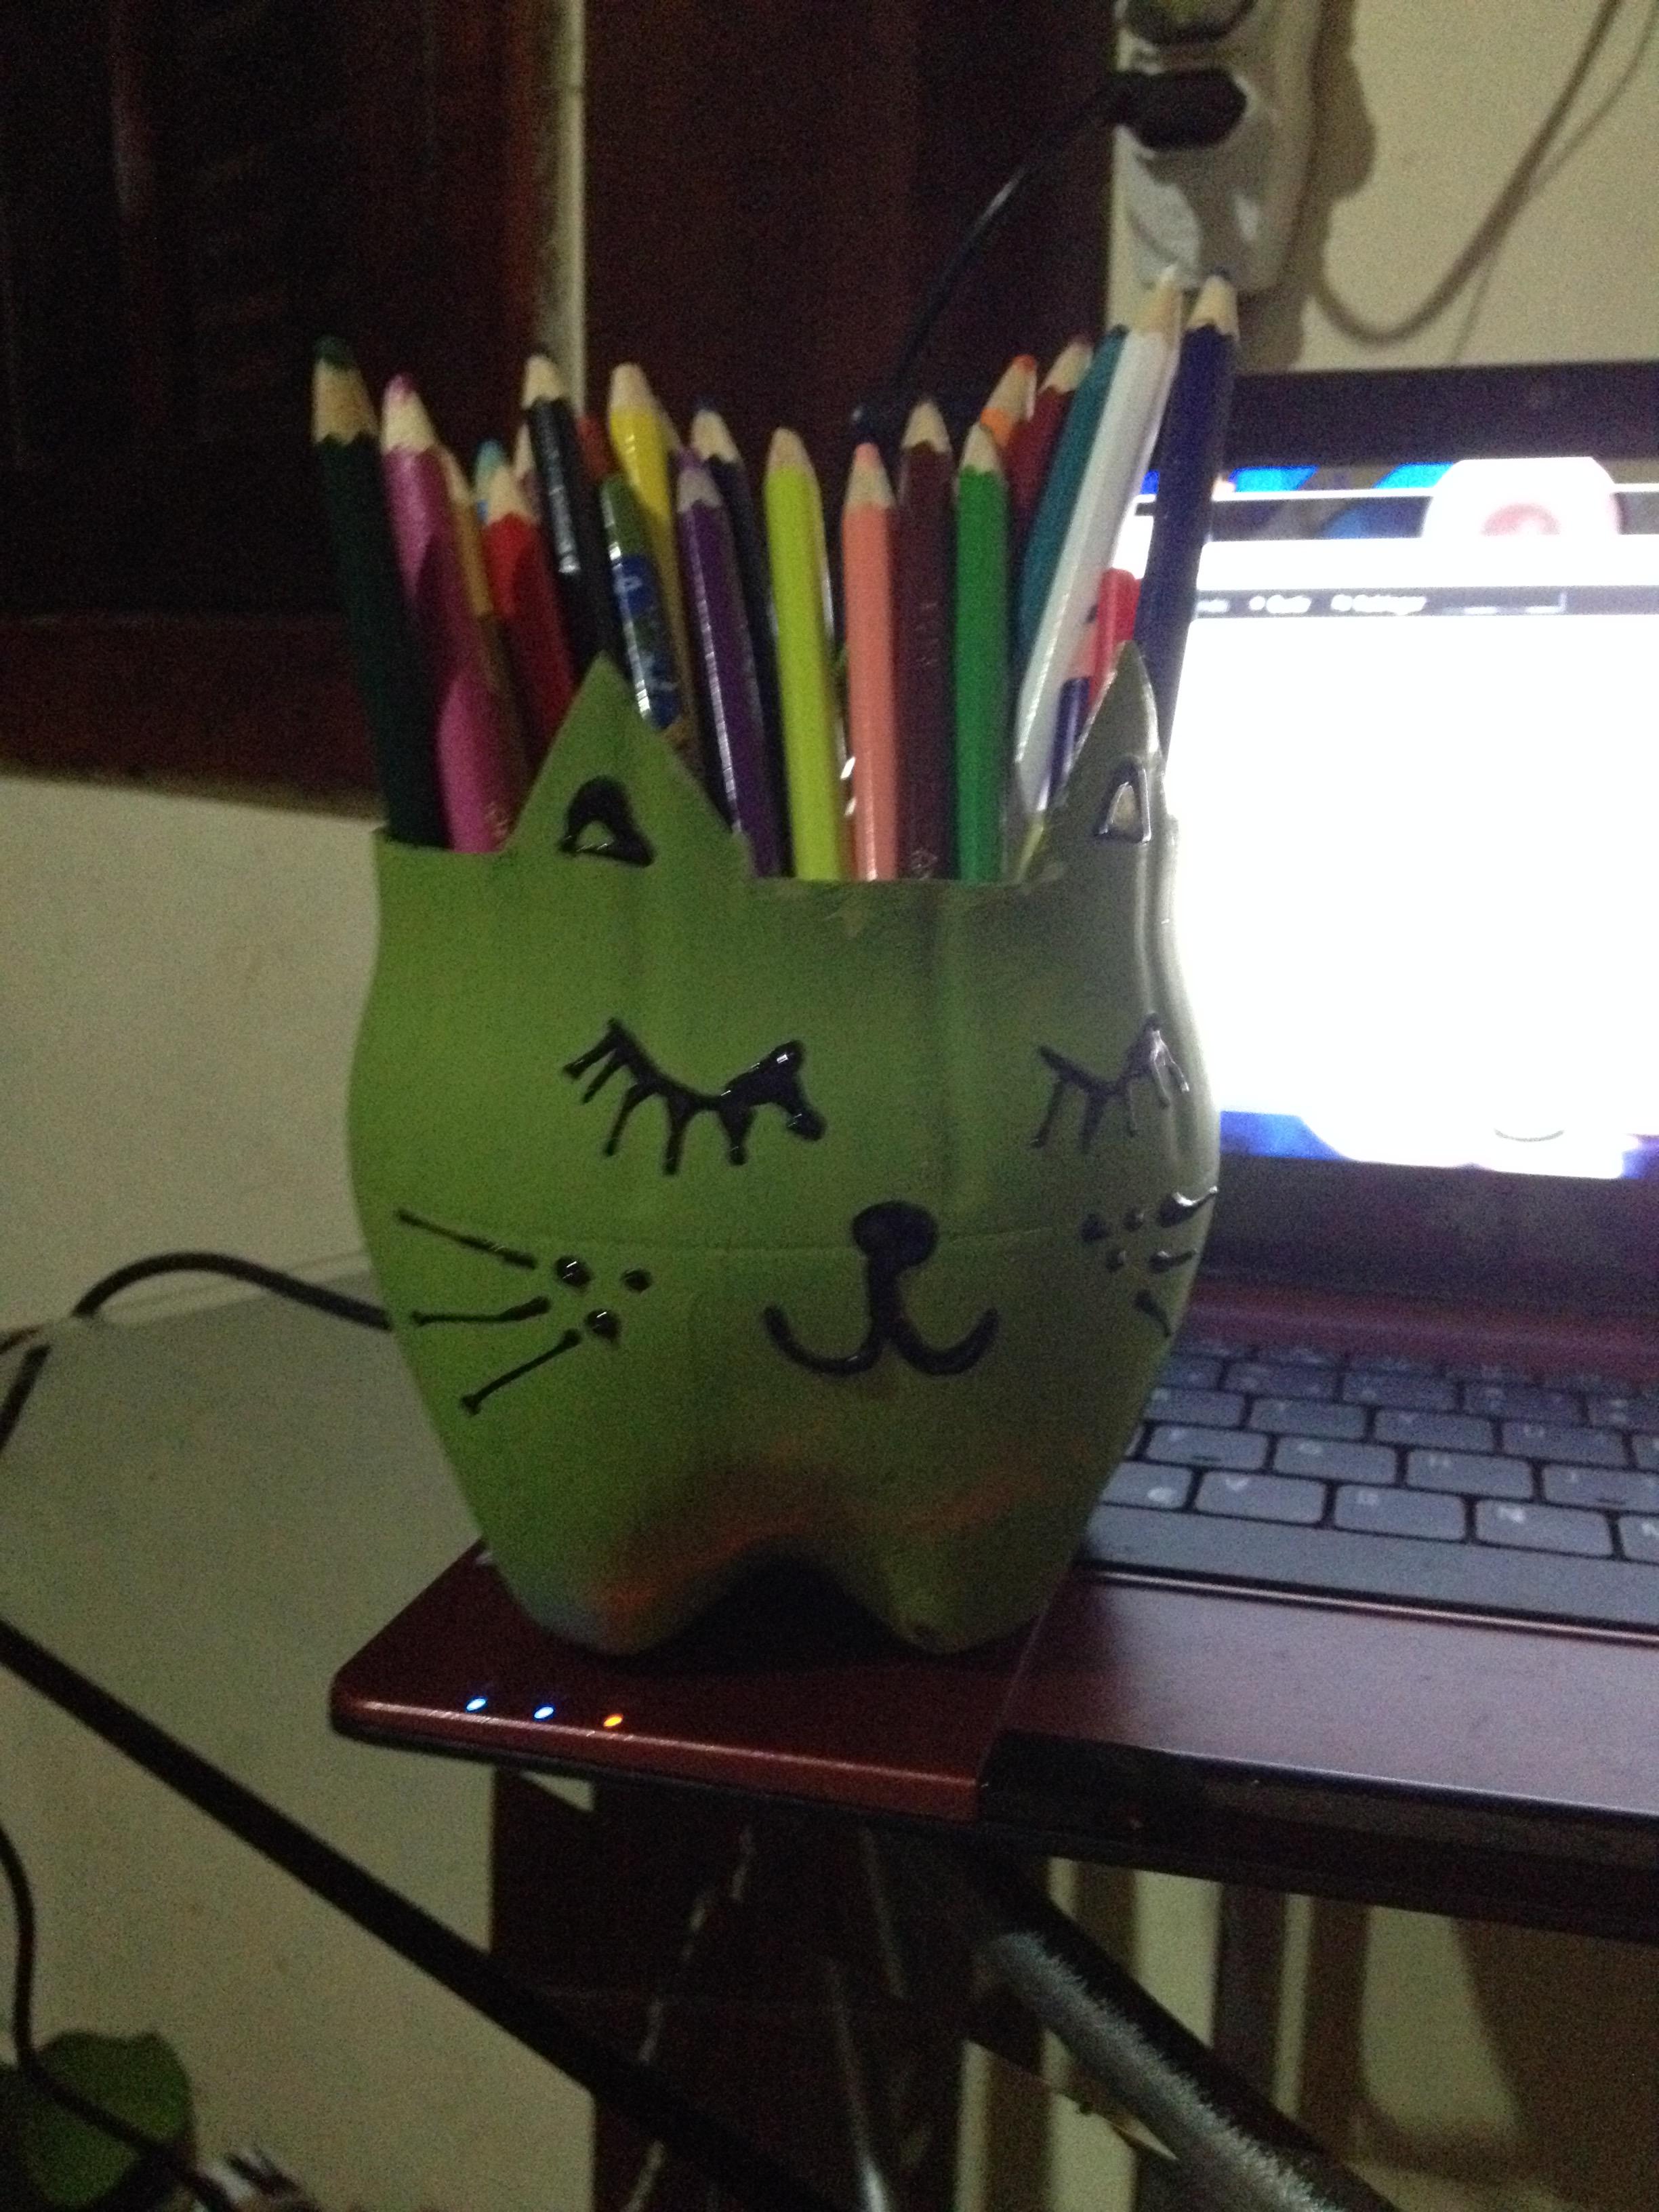 Suficiente Como fazer porta lápis de gatinho com garrafa pet | GUEDÊ VIEIRA WE63